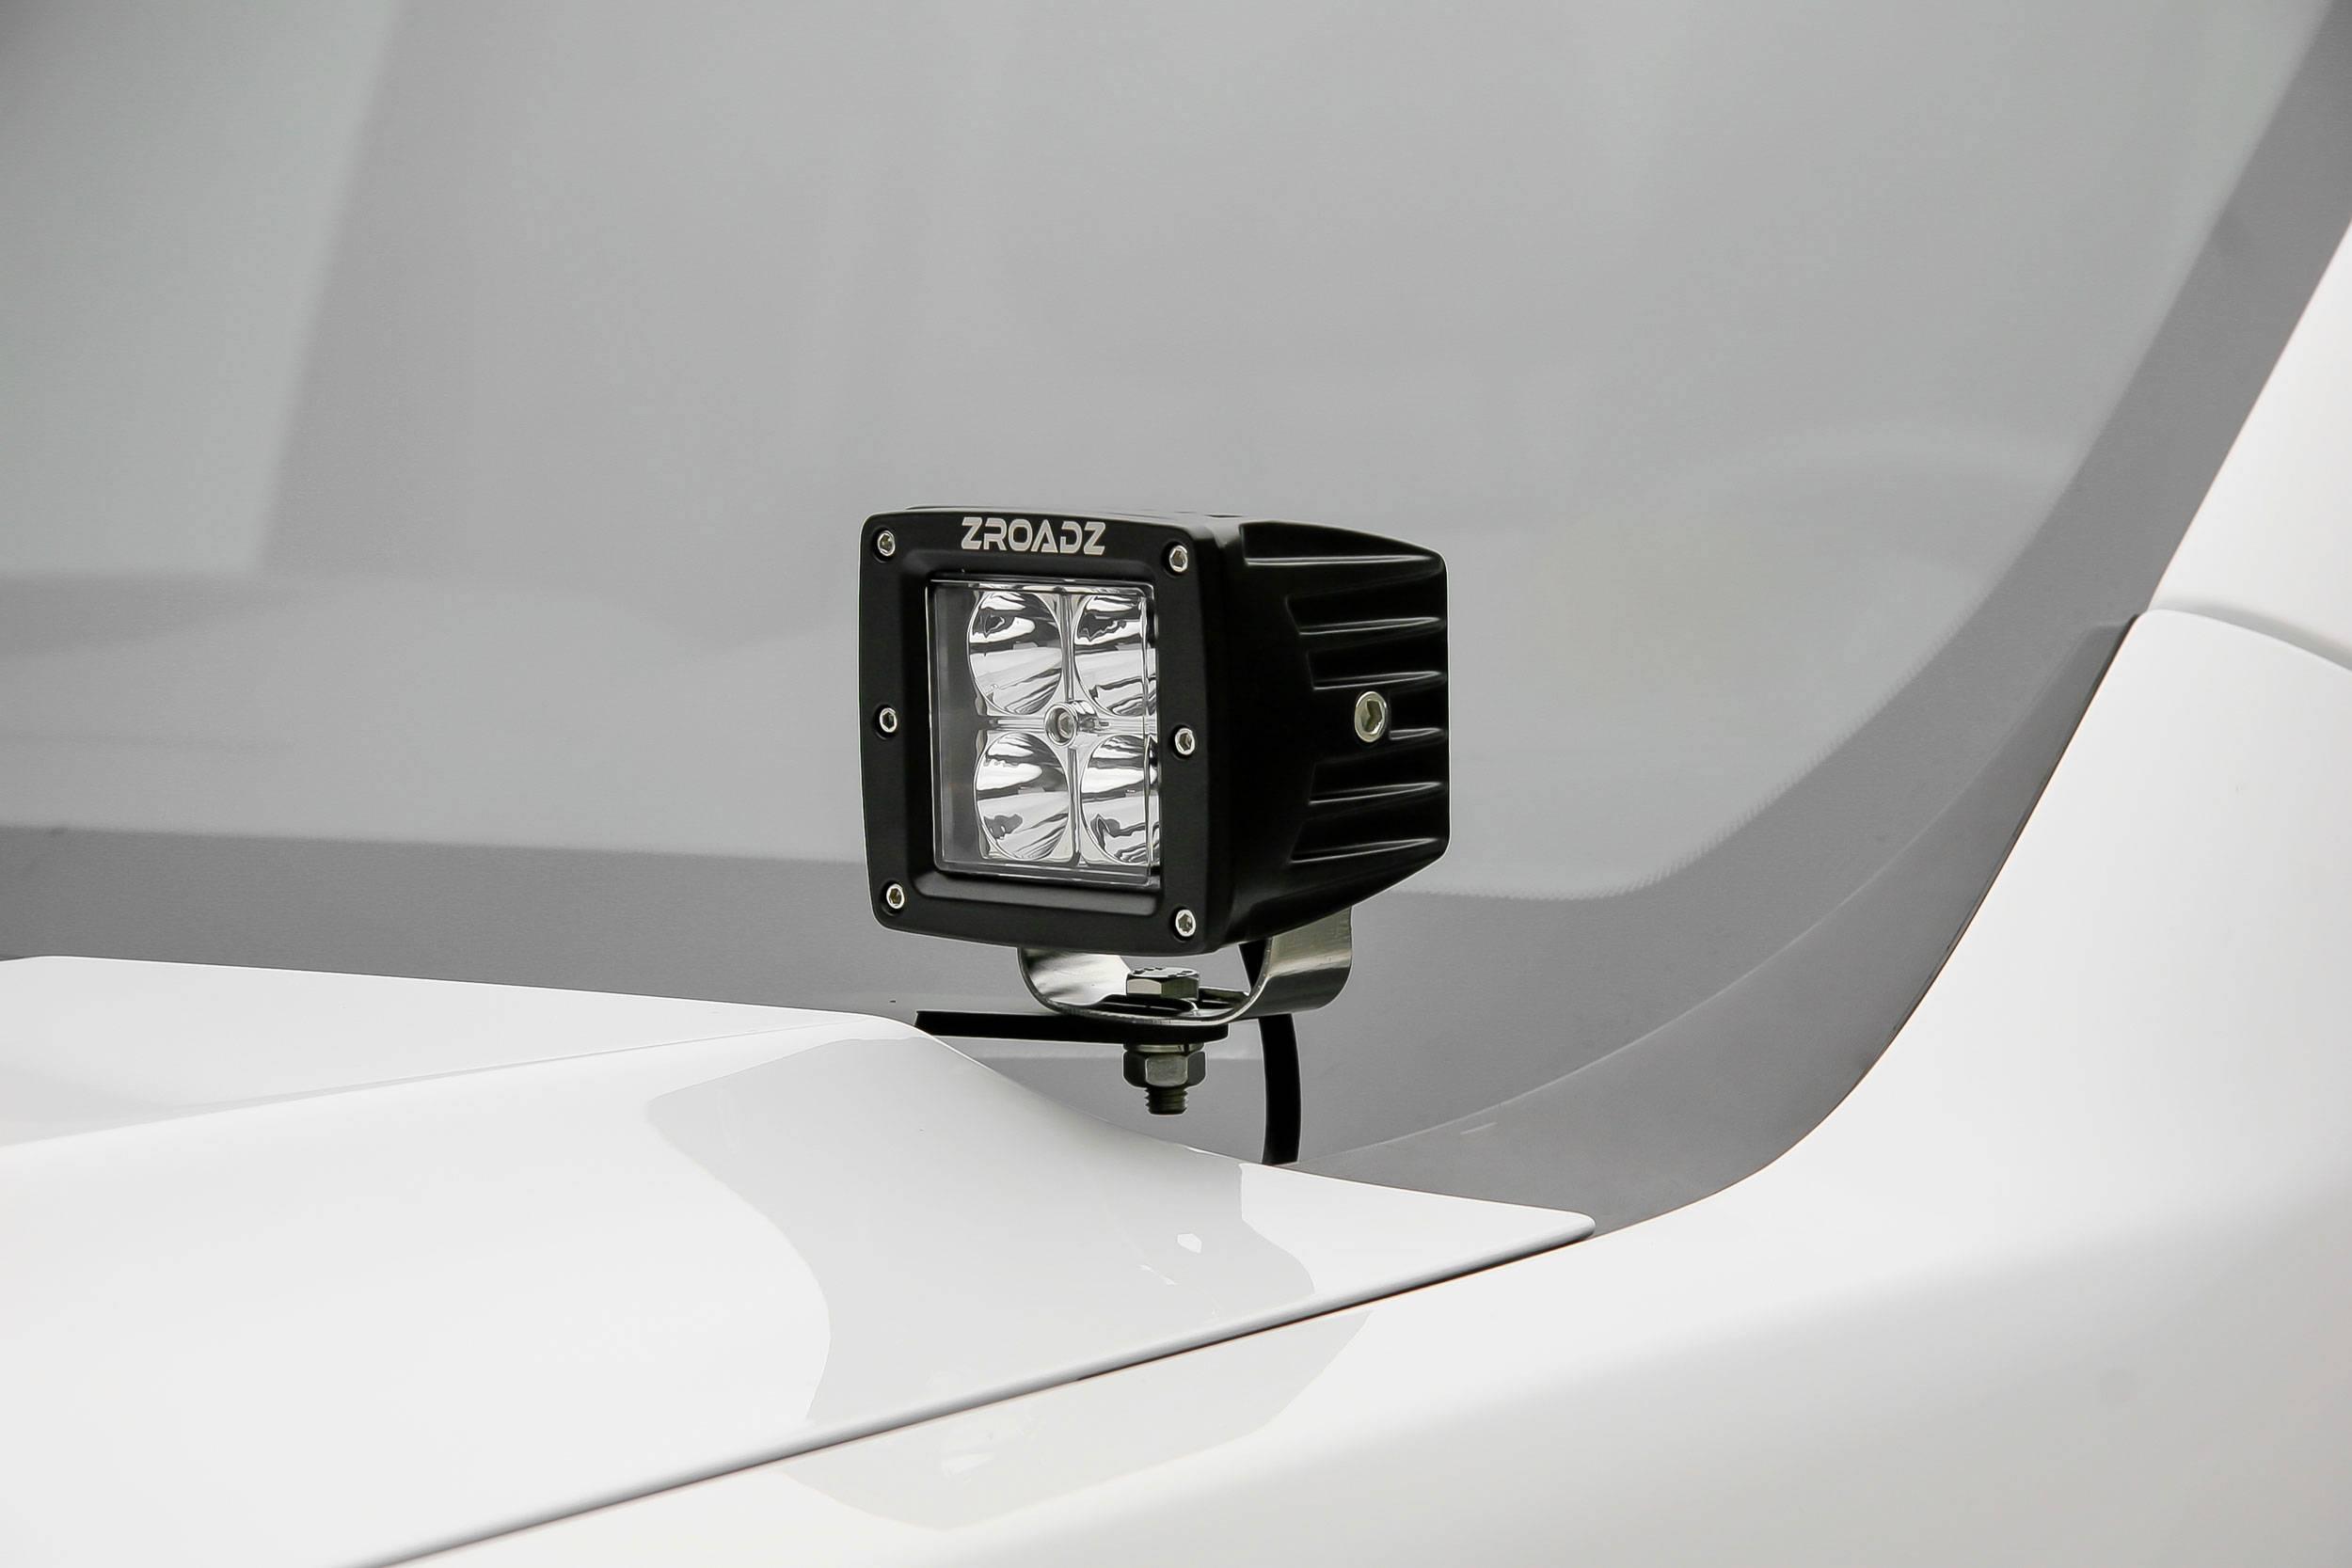 ZROADZ - 2007-2013 Silverado Sierra 1500 Hood Hinge LED Bracket to mount (2) 3 Inch LED Pod Lights - PN #Z362051